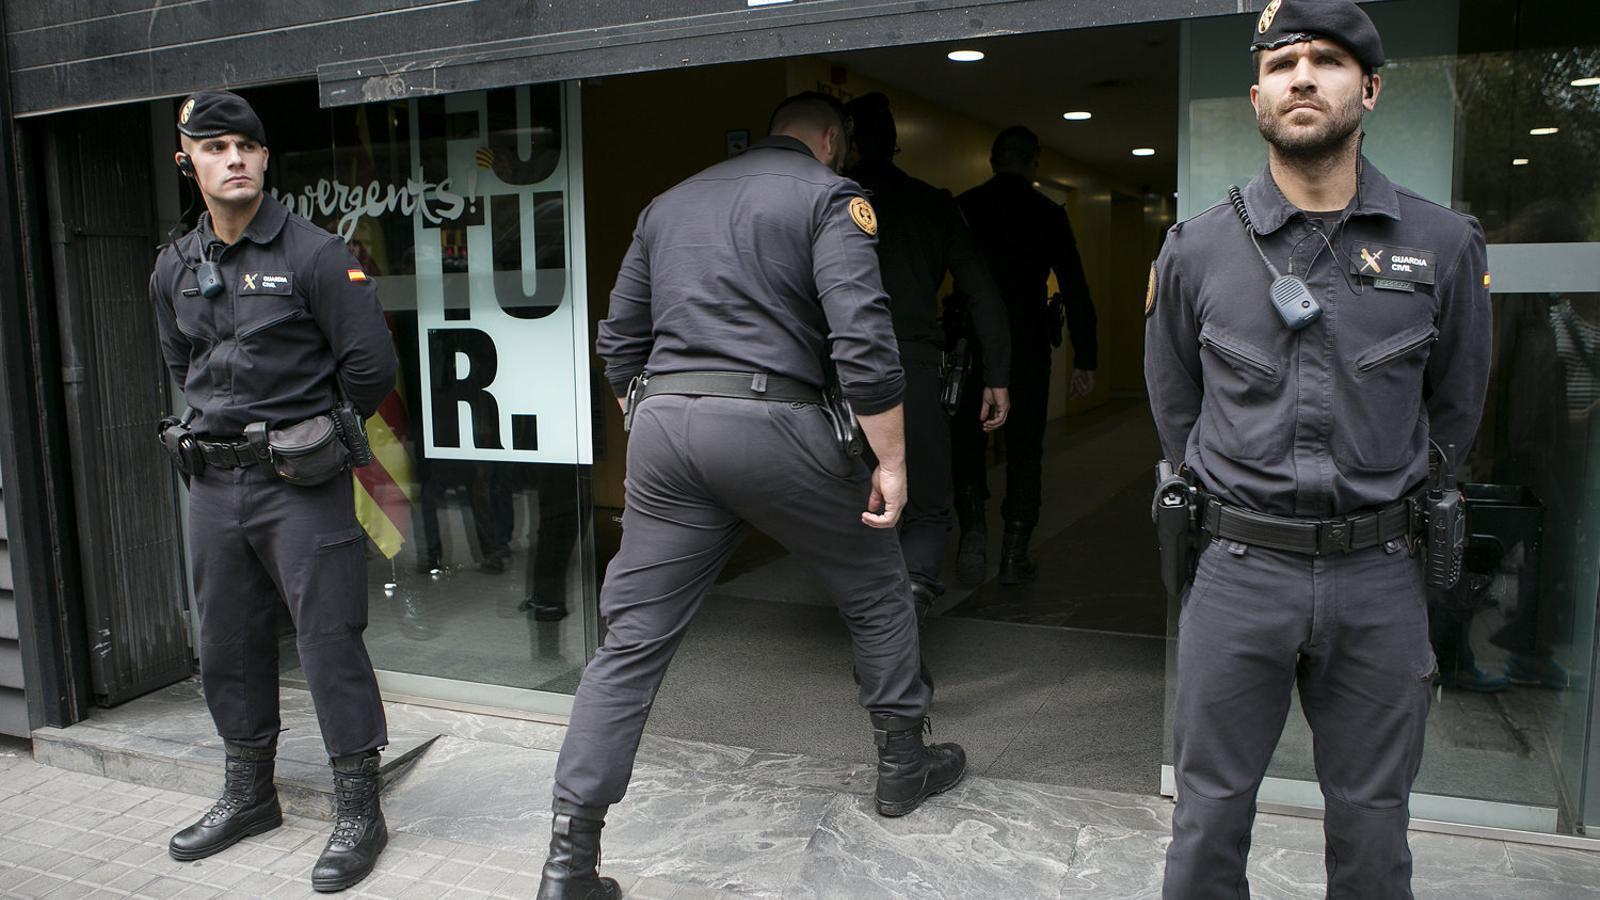 Imatge de l'escorcoll de la Guàrdia Civil a la seu de CDC arran del cas 3% que instrueix l'Audiència Nacional.